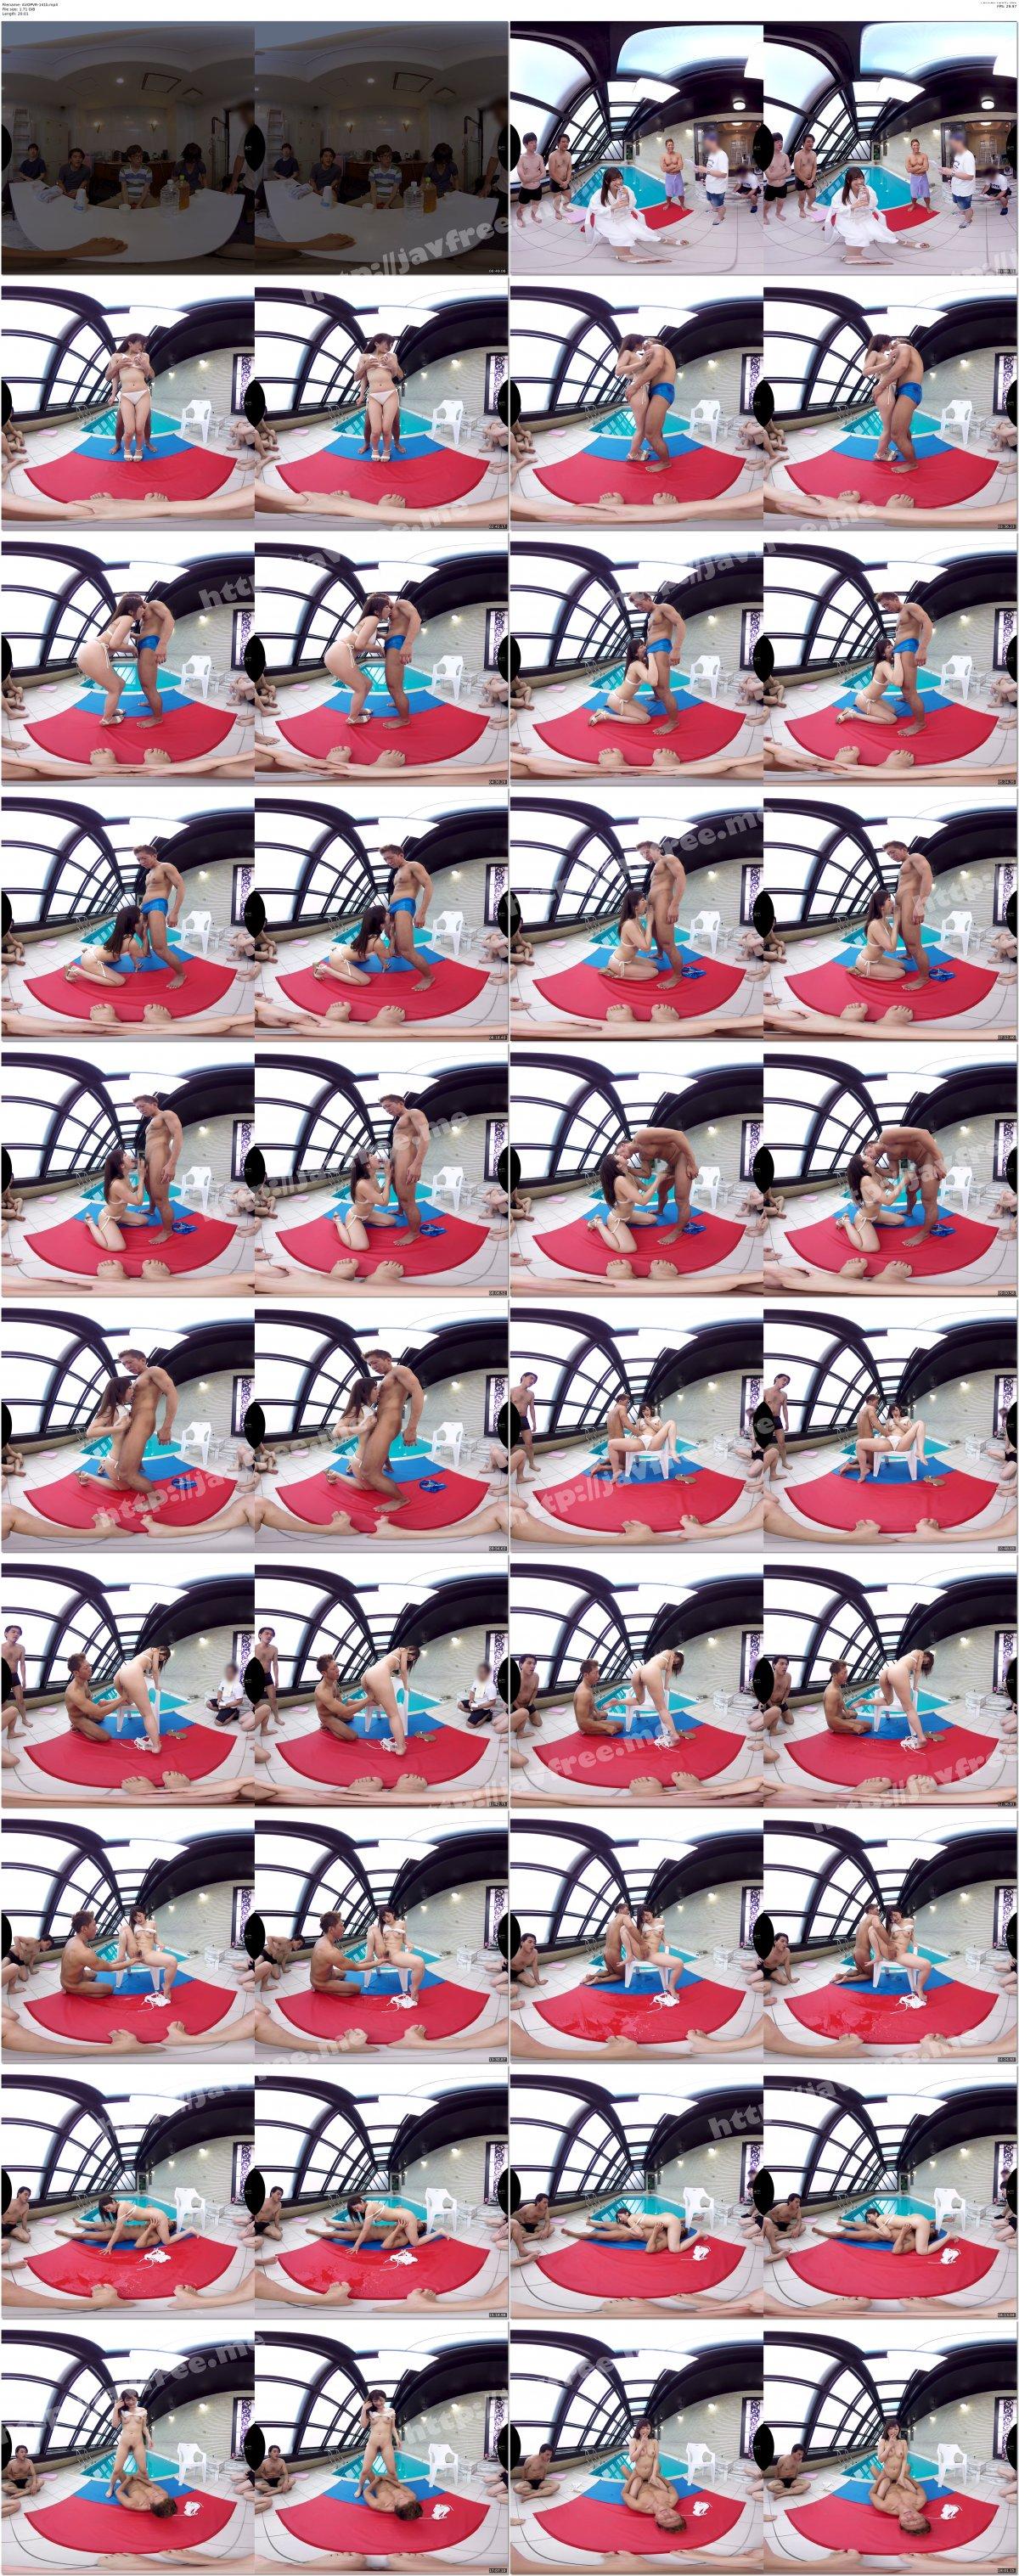 [AVOPVR-141] 【VR】成りあがりAV男優体験VR ただの素人だったアナタが一流のAV男優になるまでの過程で実際に出会った8人のAV女優との8現場を全てドキュメンタリーVR映像化!! - image AVOPVR-141b on https://javfree.me